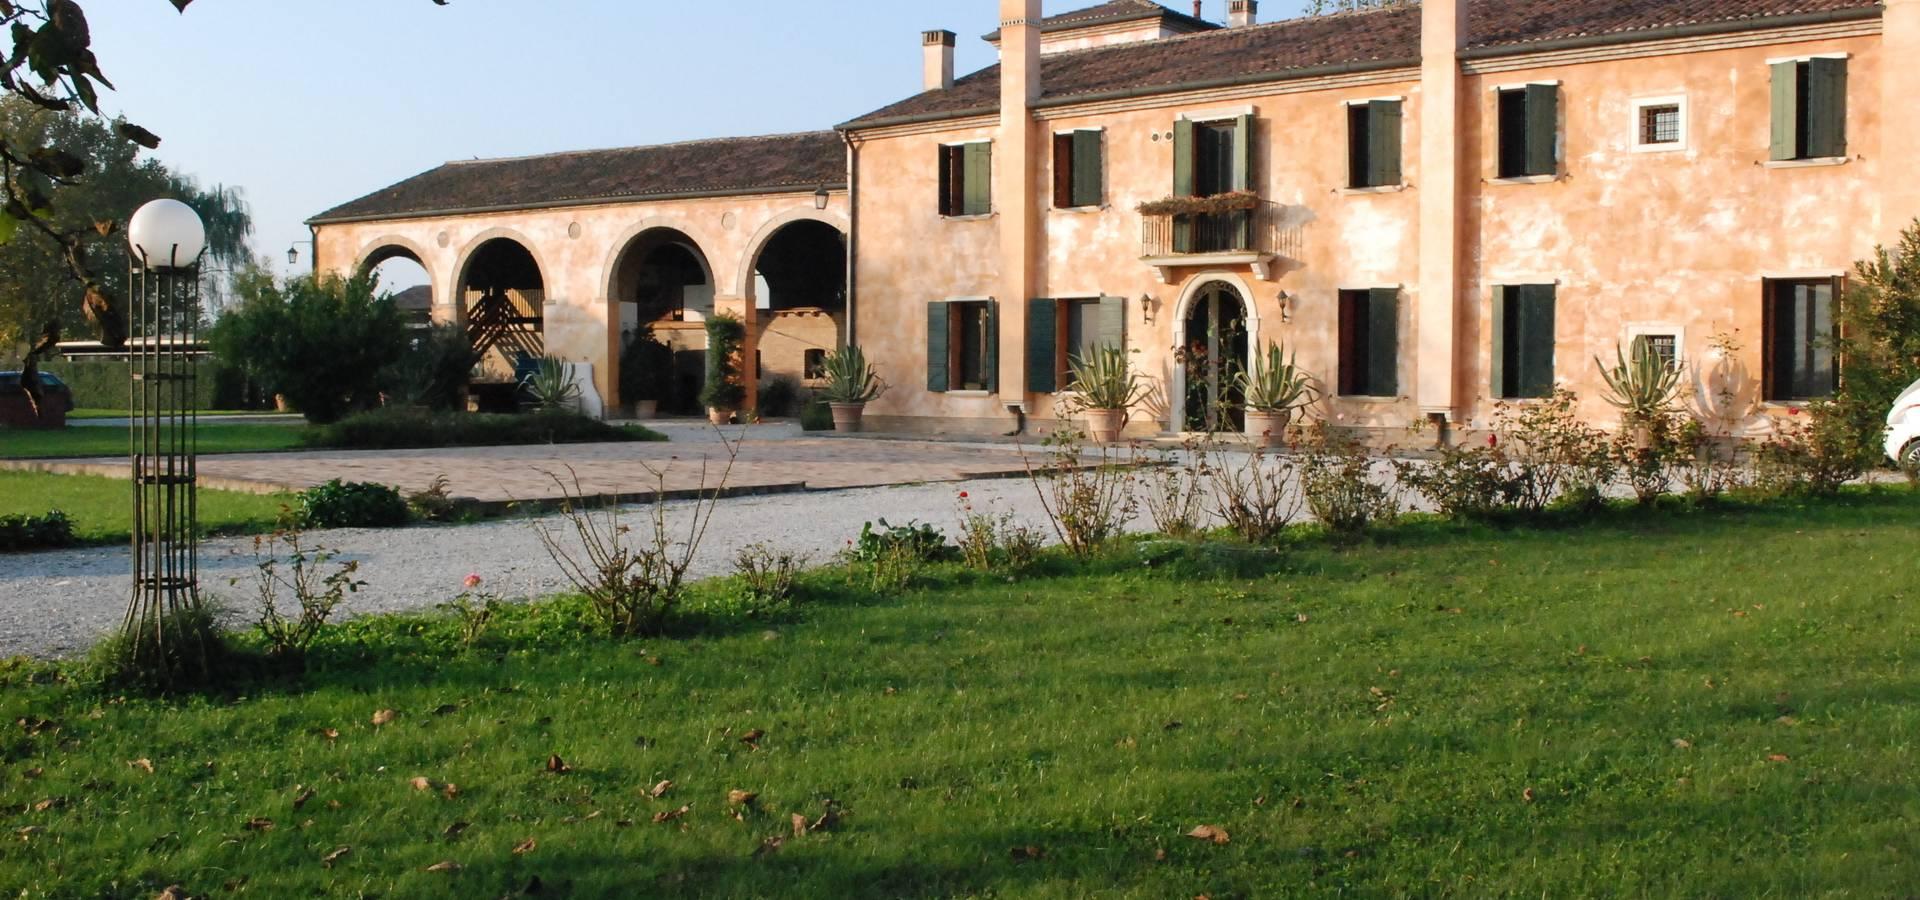 Studio rossettini architetti a padova homify for Immagini di case in stile artigiano